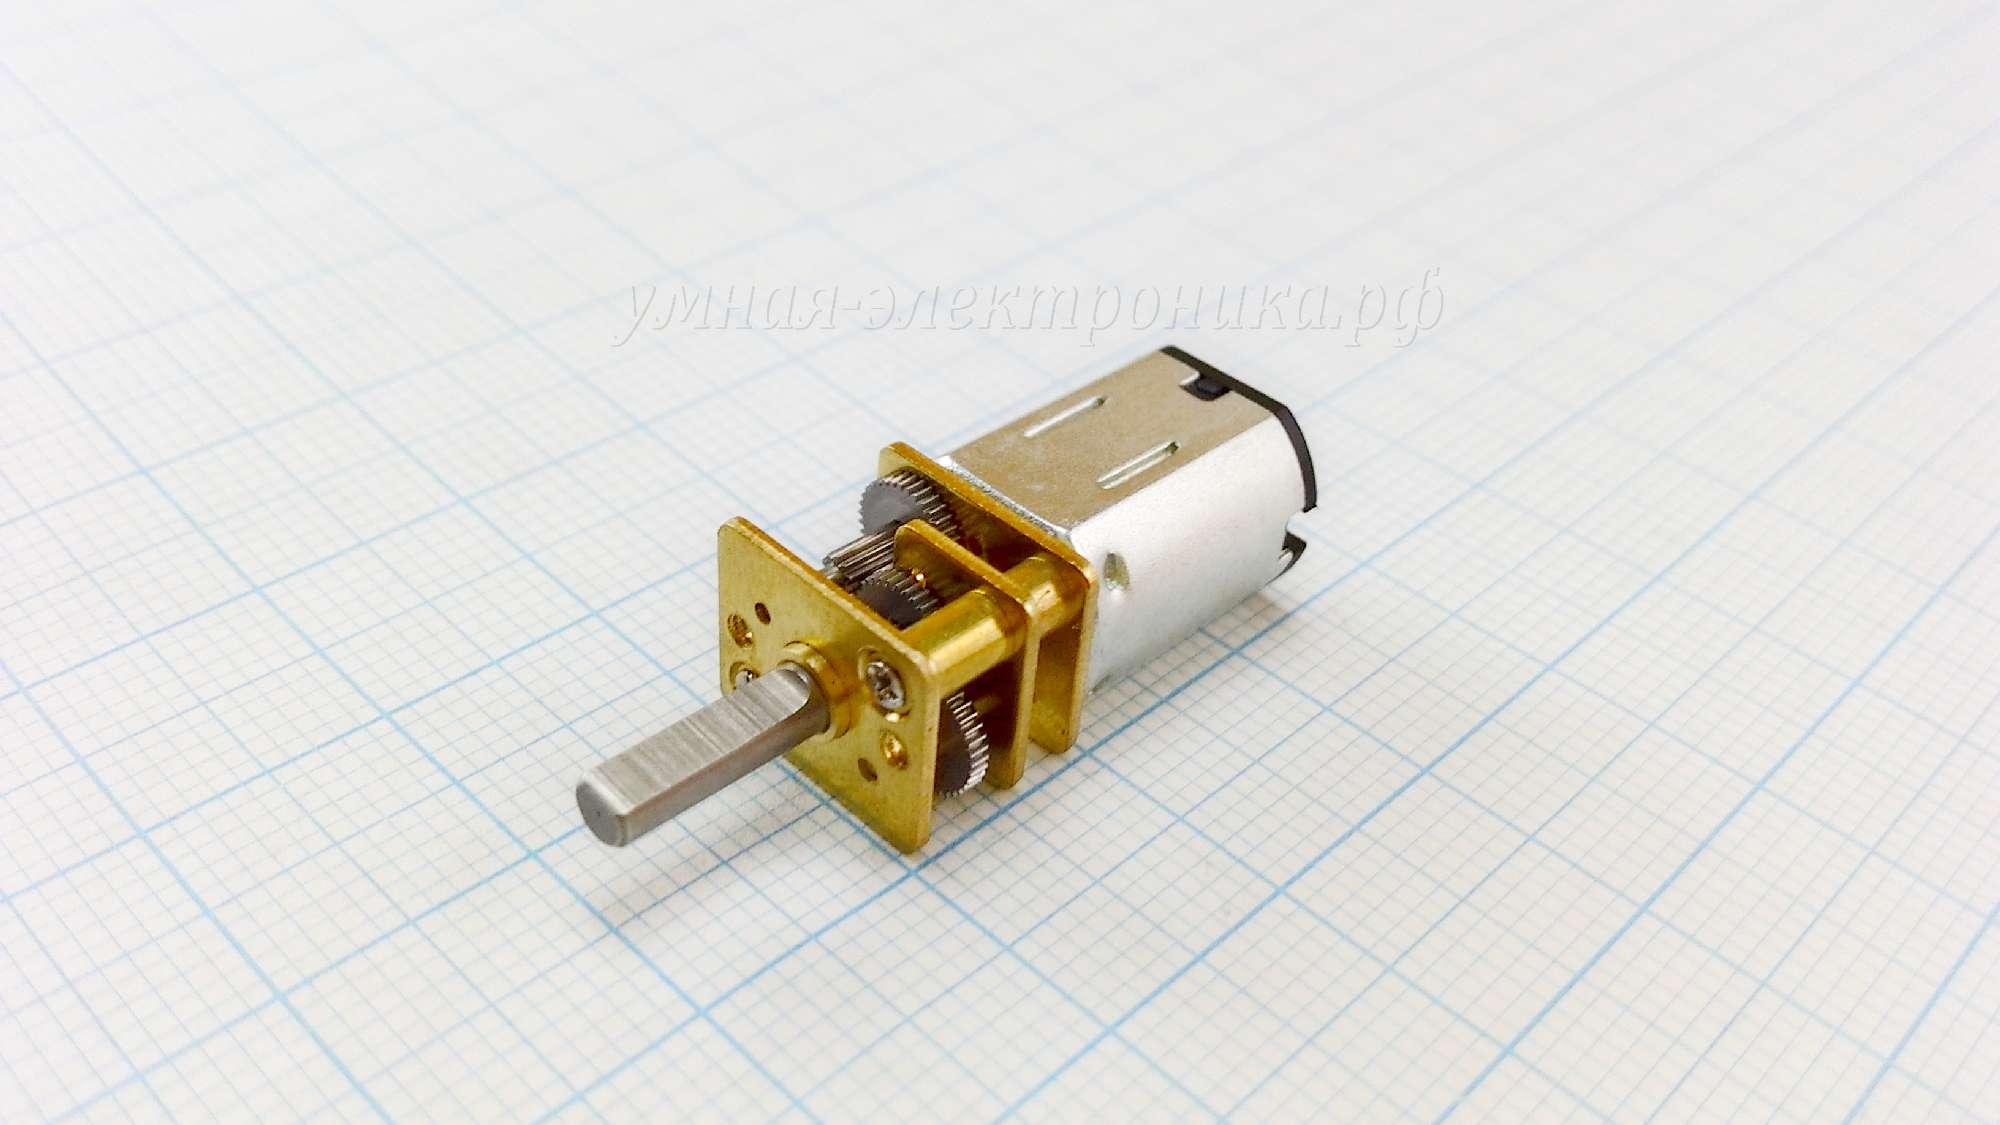 Мотор-редуктор GA12-N20 3-12V 50-200 RPM 1.6-7 kg/cm 32.2Ω 1:150